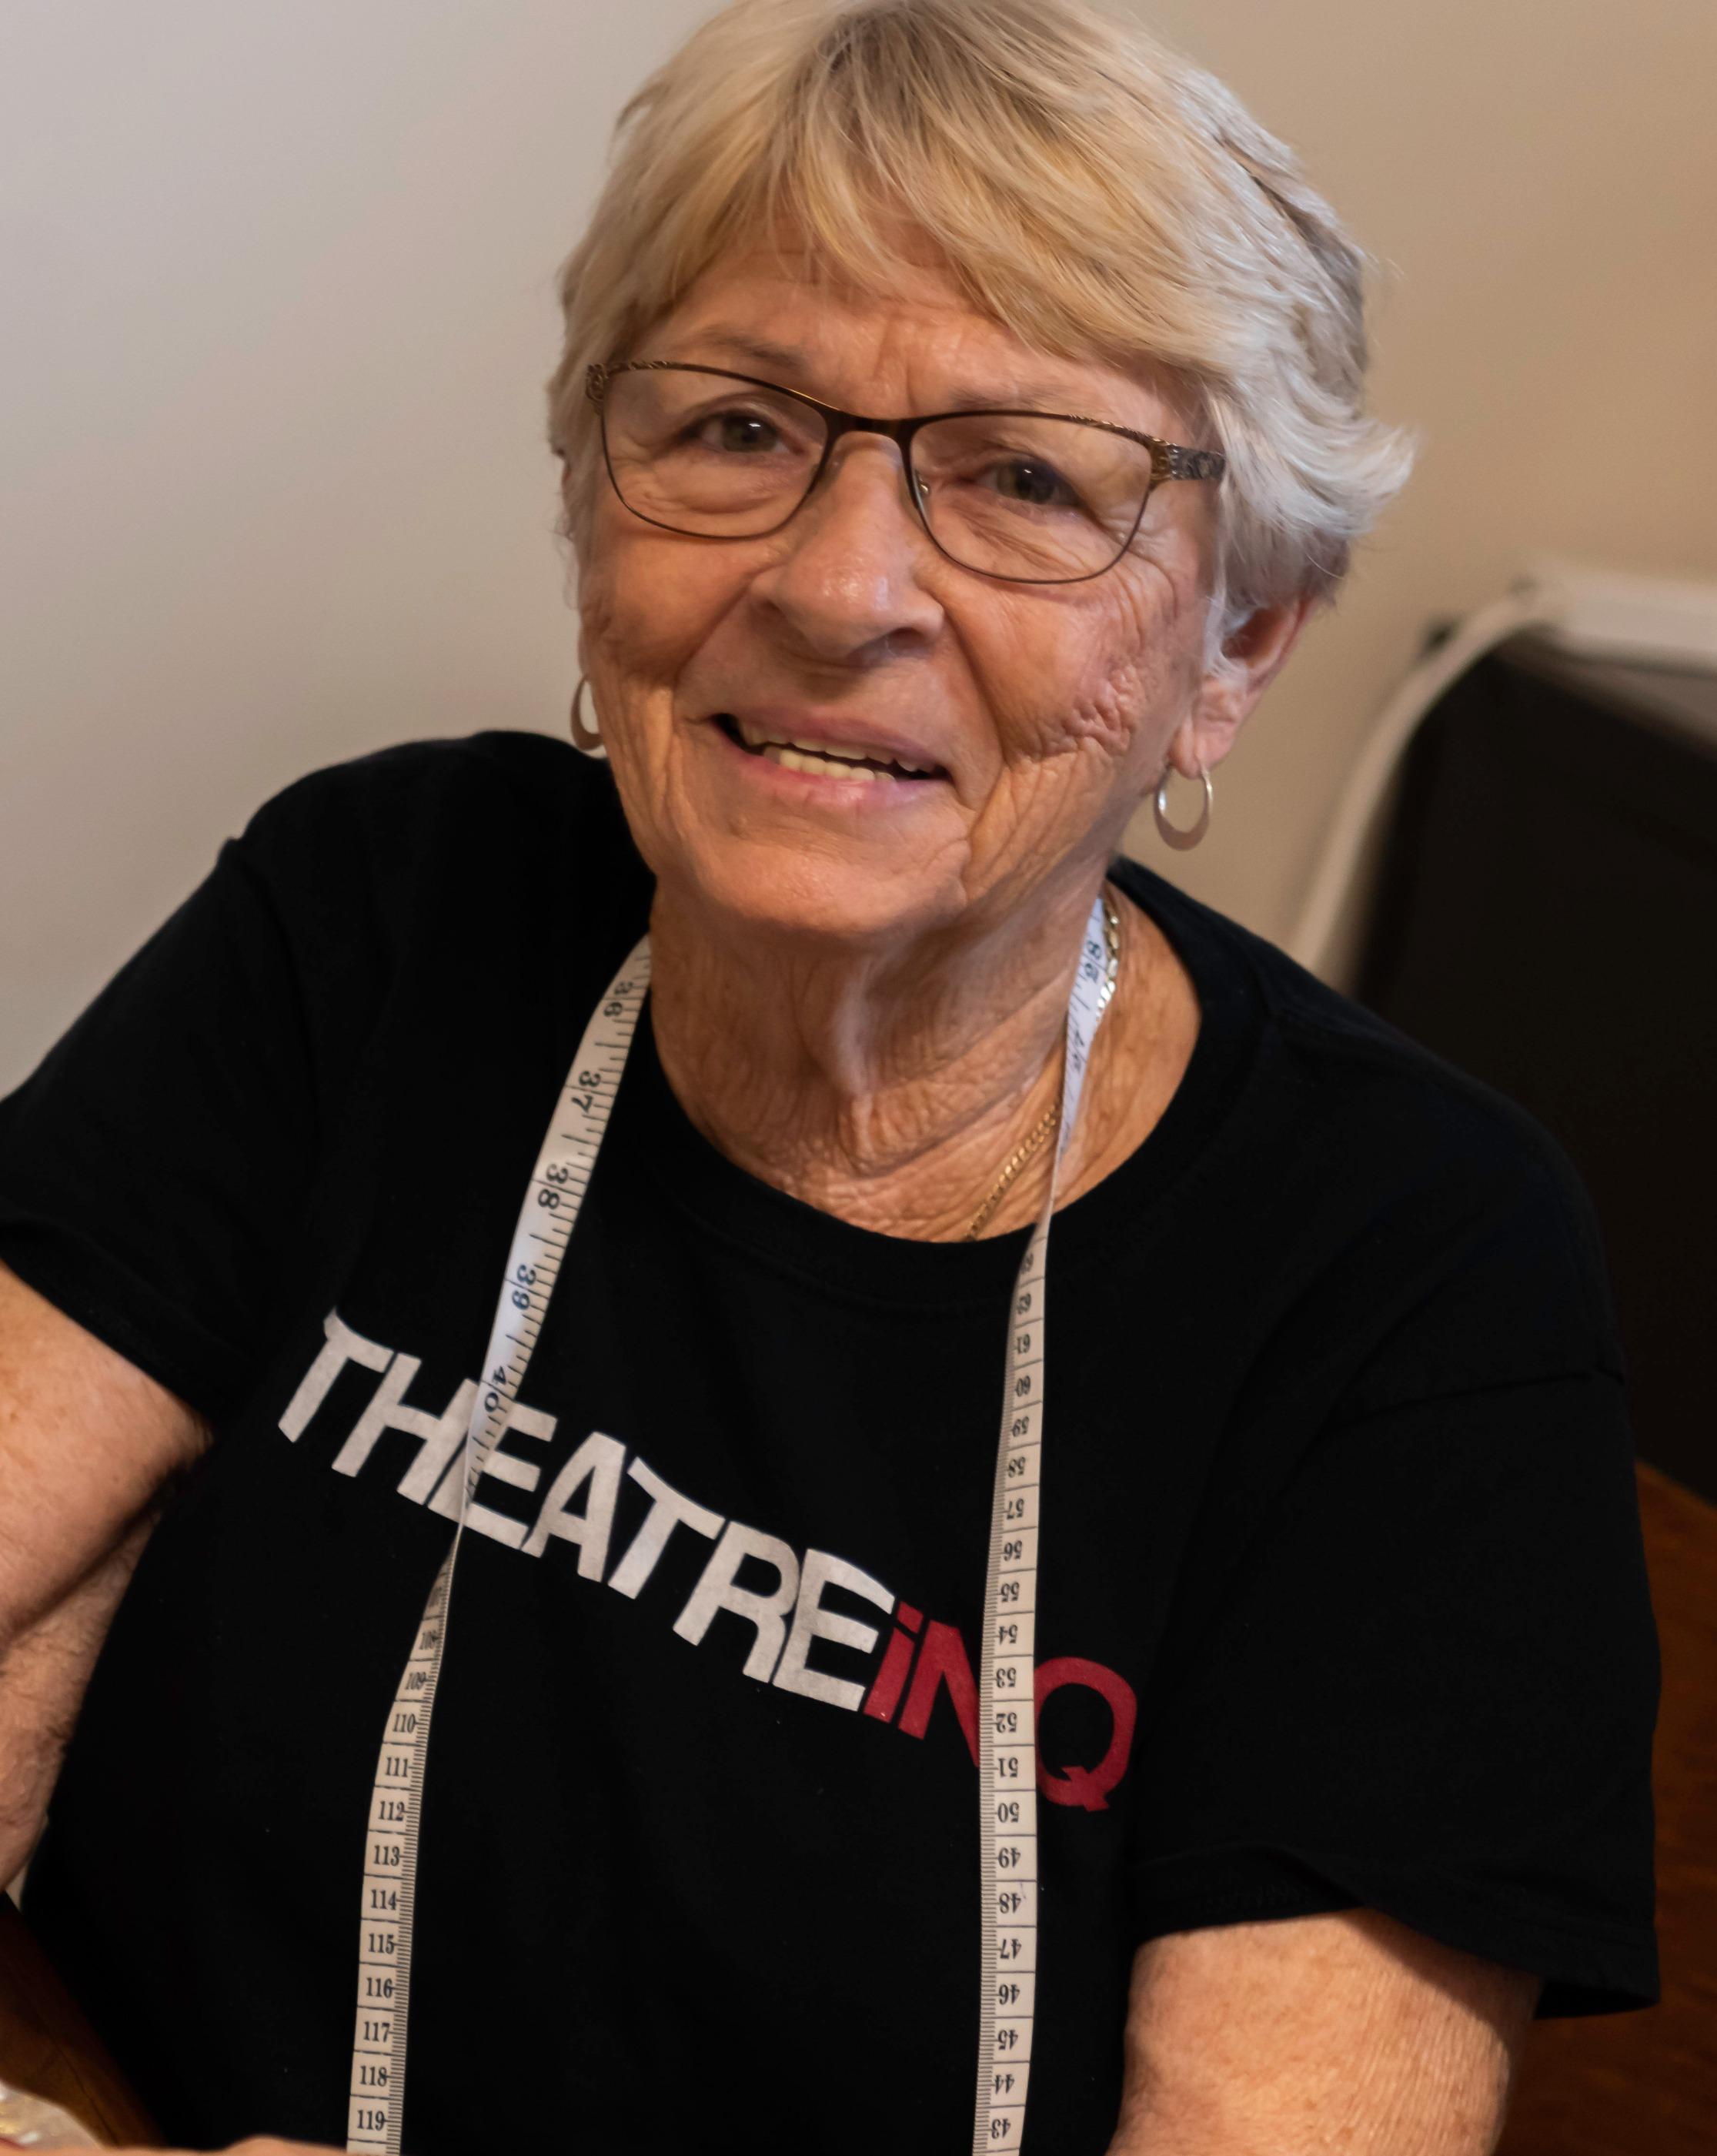 Kathy Brabon